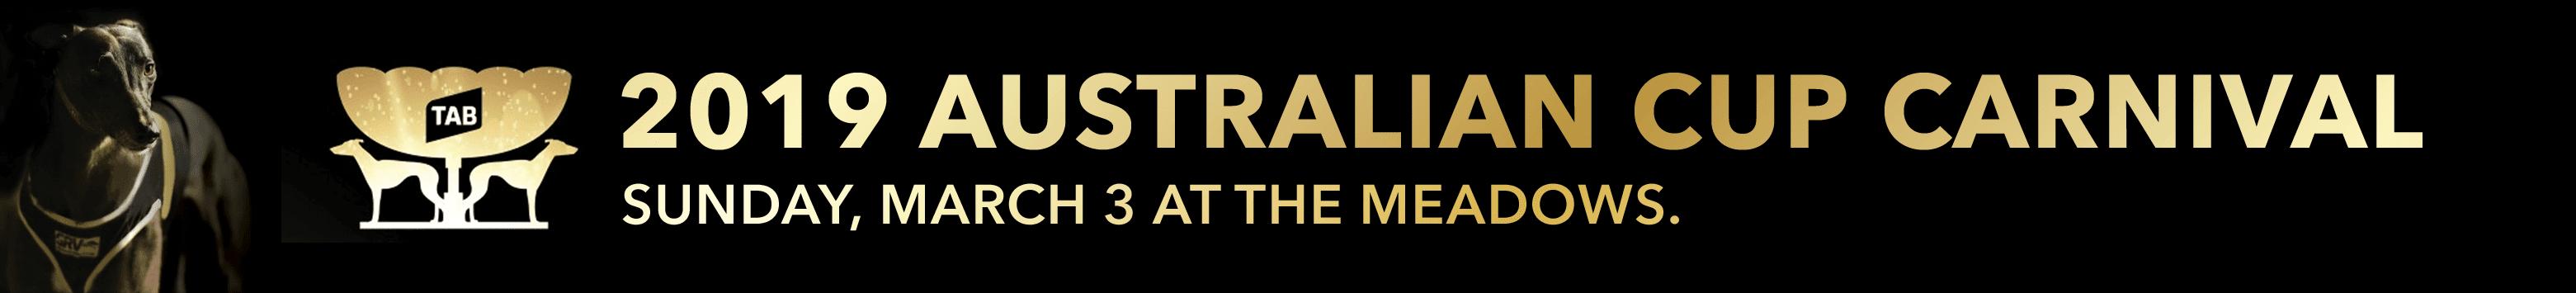 2019 Australian Cup Carnival